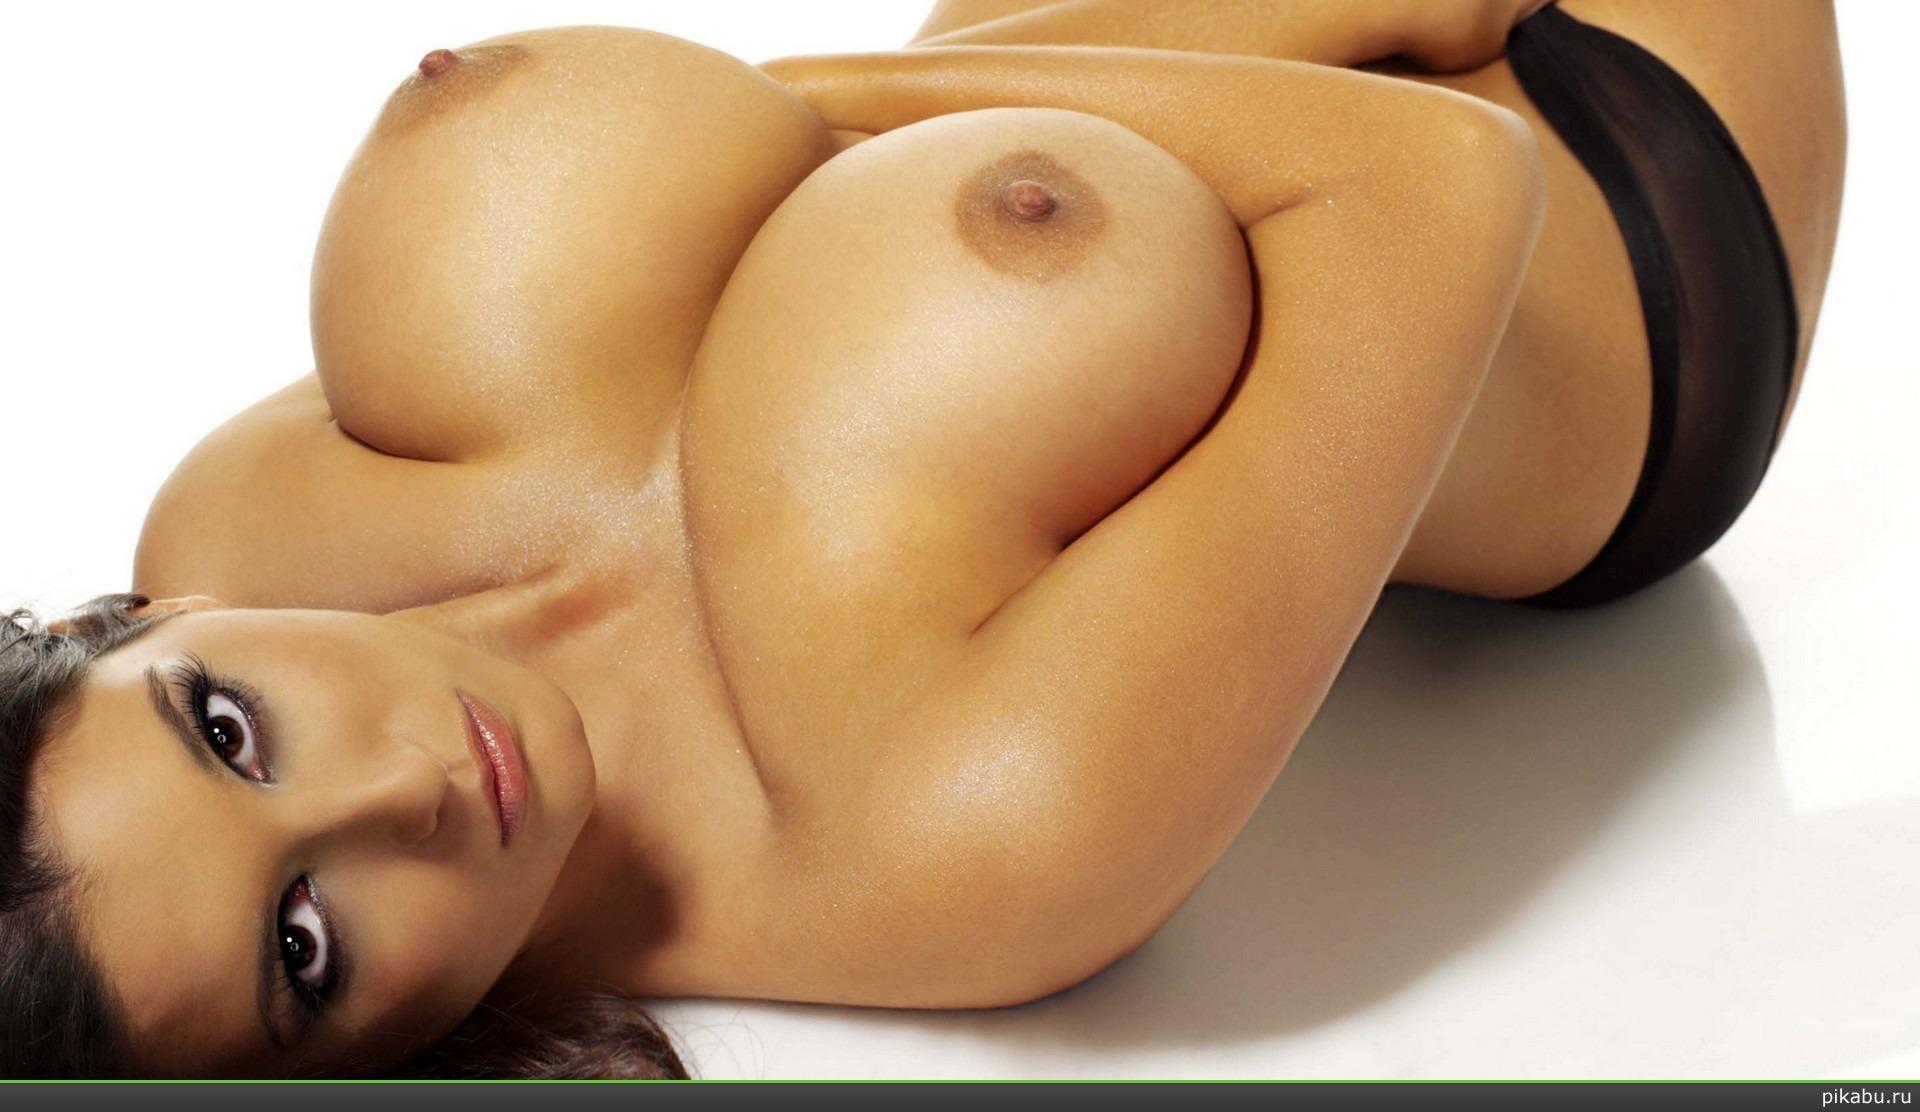 Потрясная грудь онлайн 7 фотография